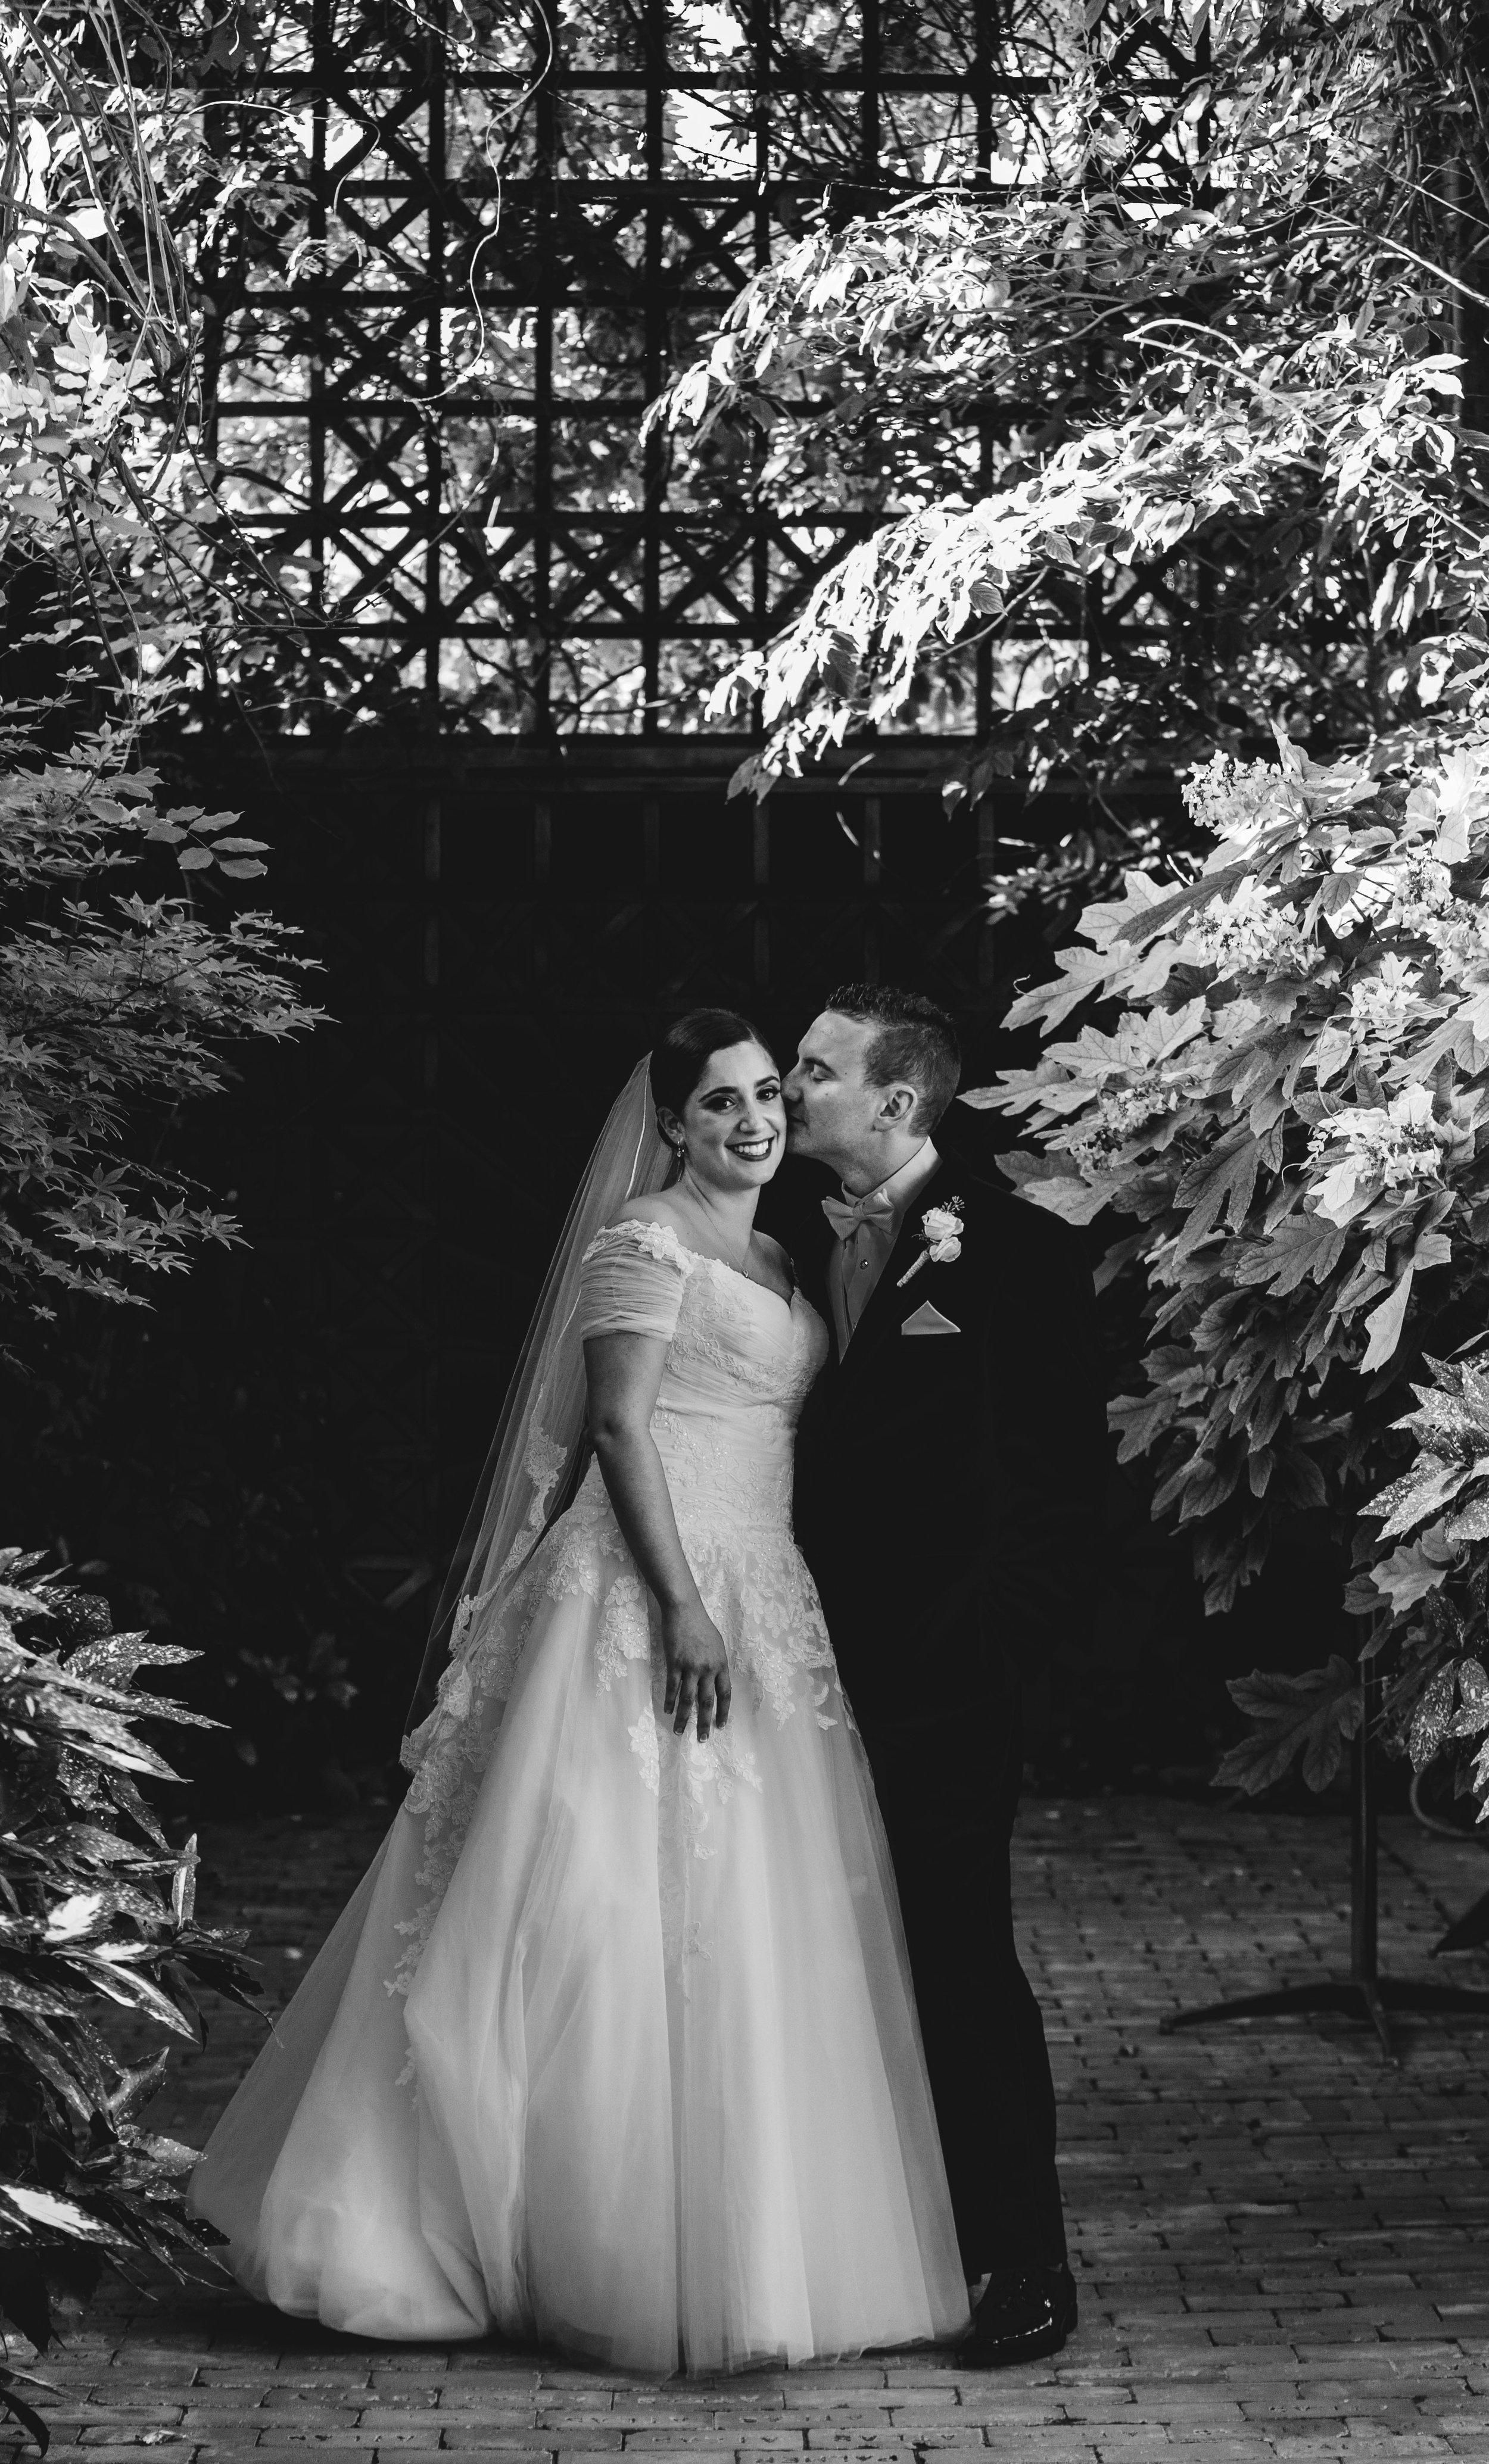 ATGI_Magali & Josh Wedding1__4.jpg